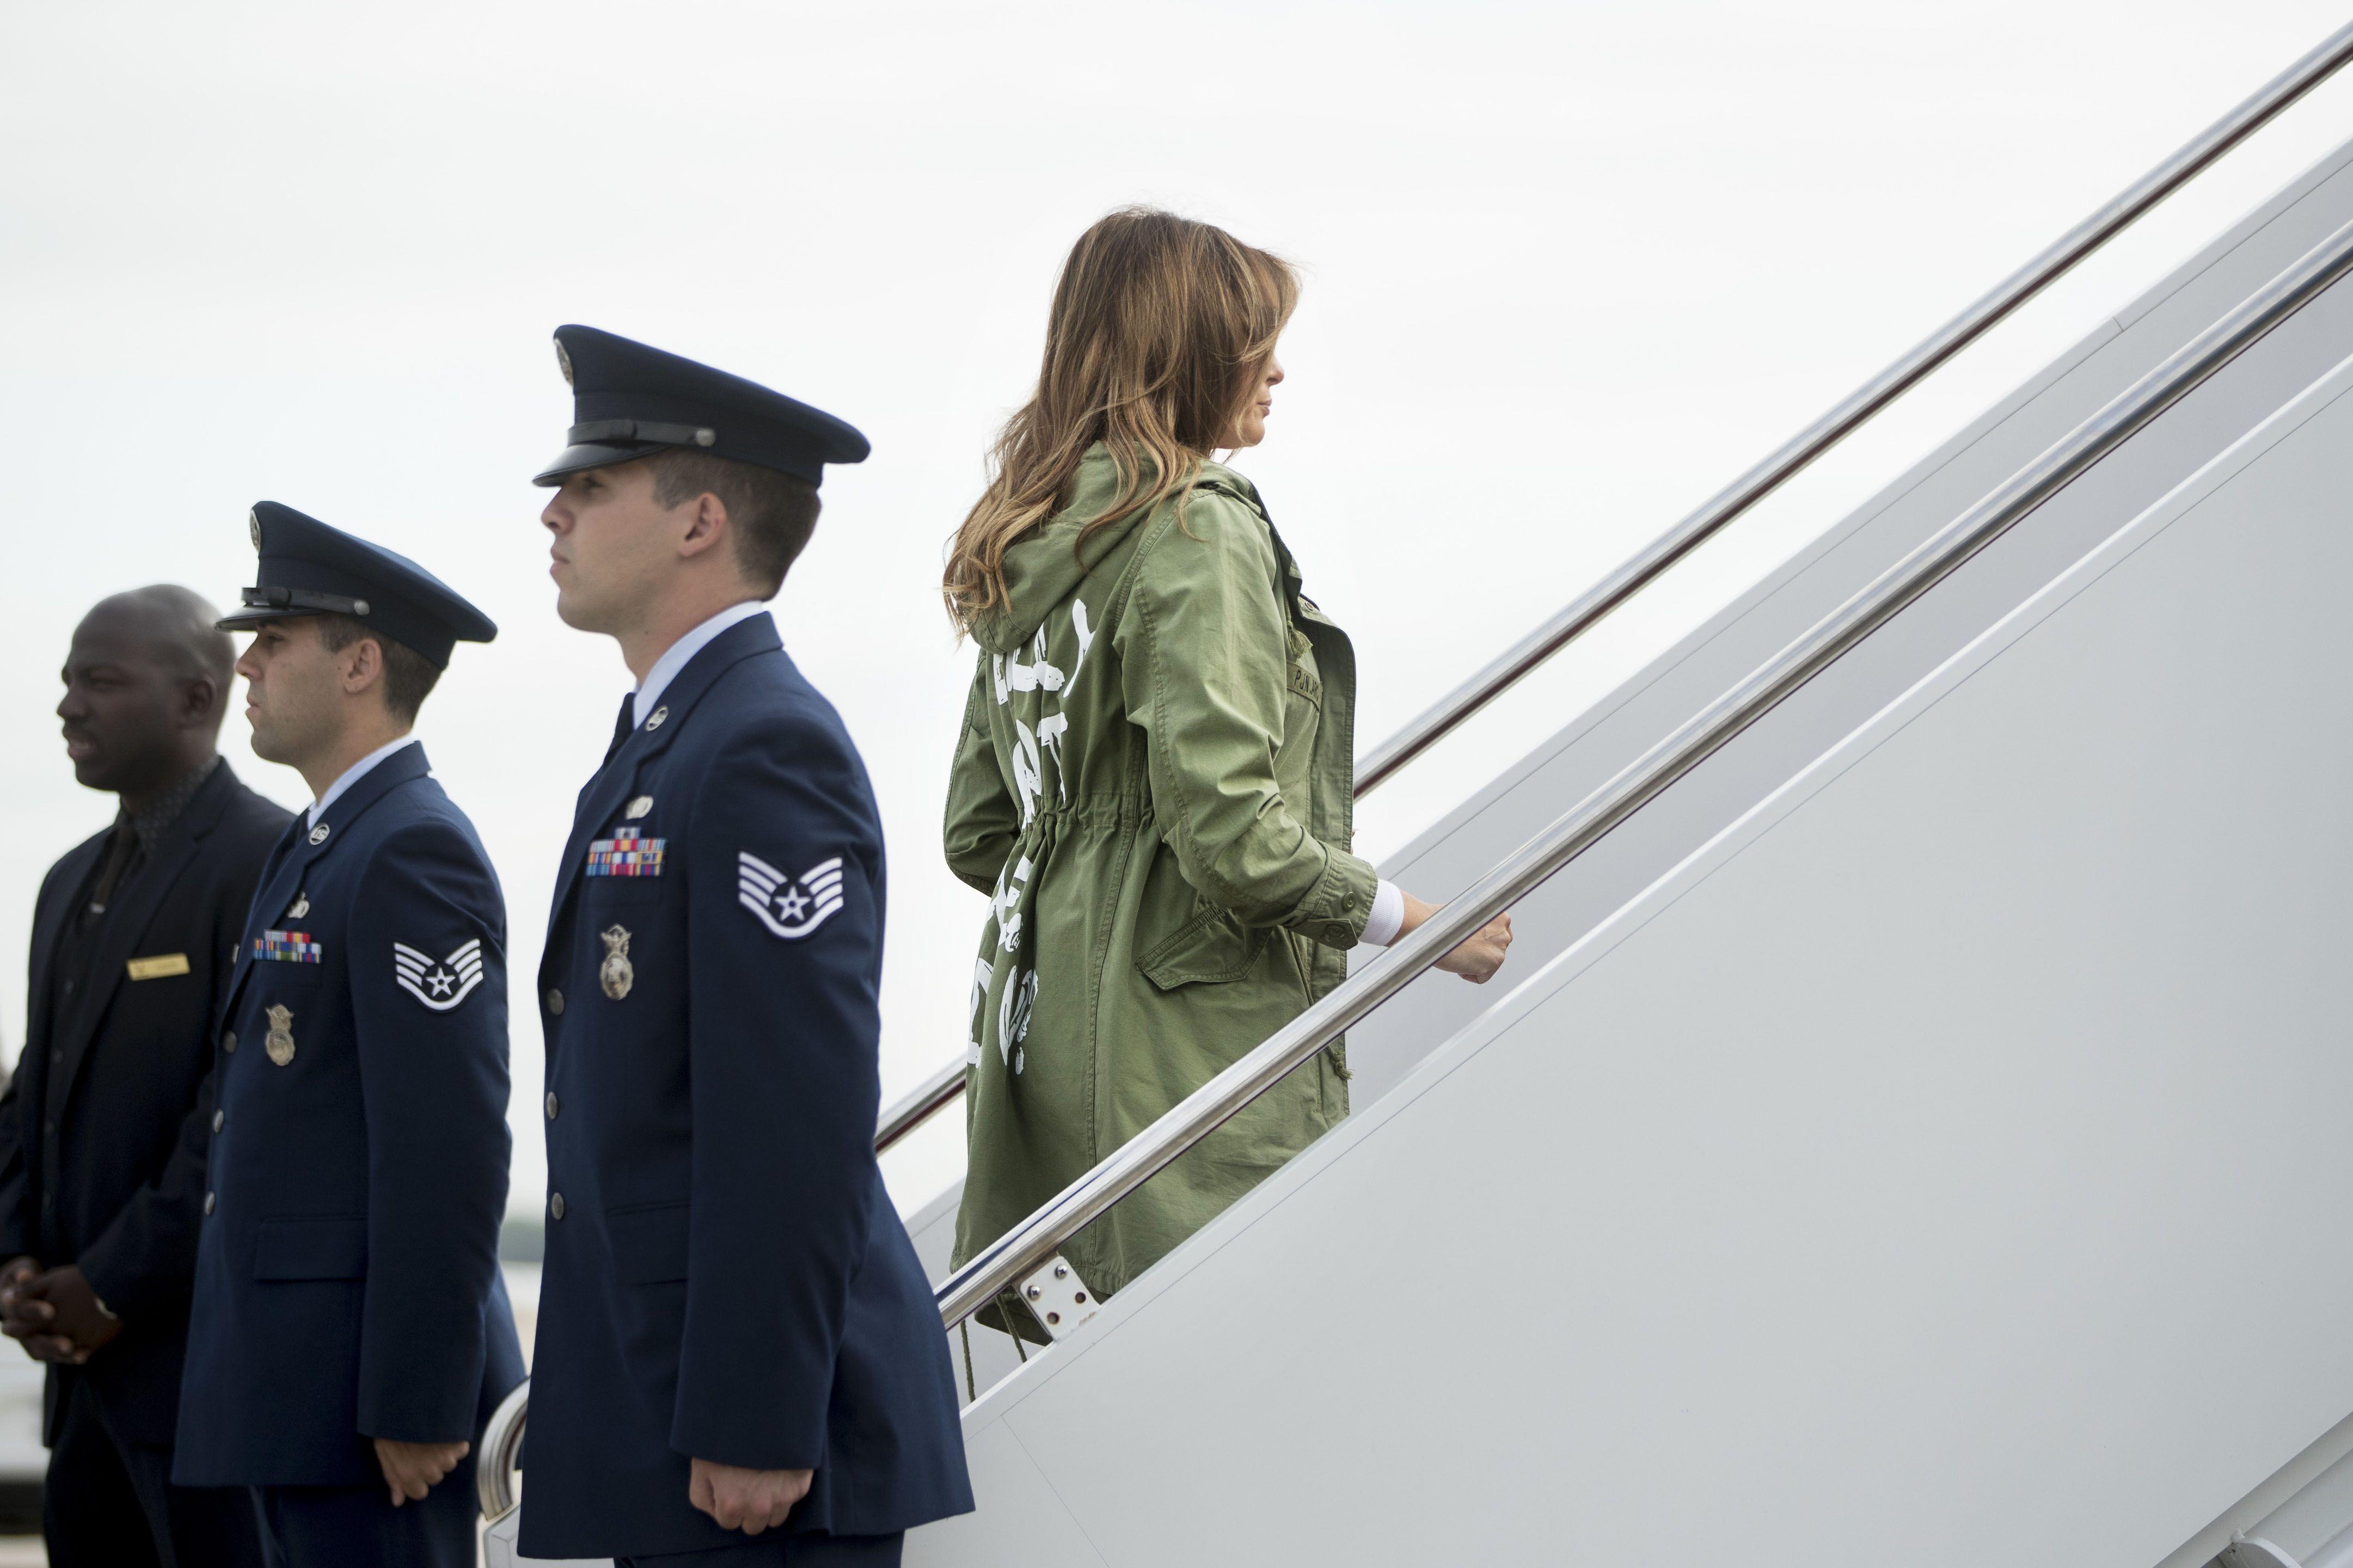 Melania boarding her plane in the Zara jacket.